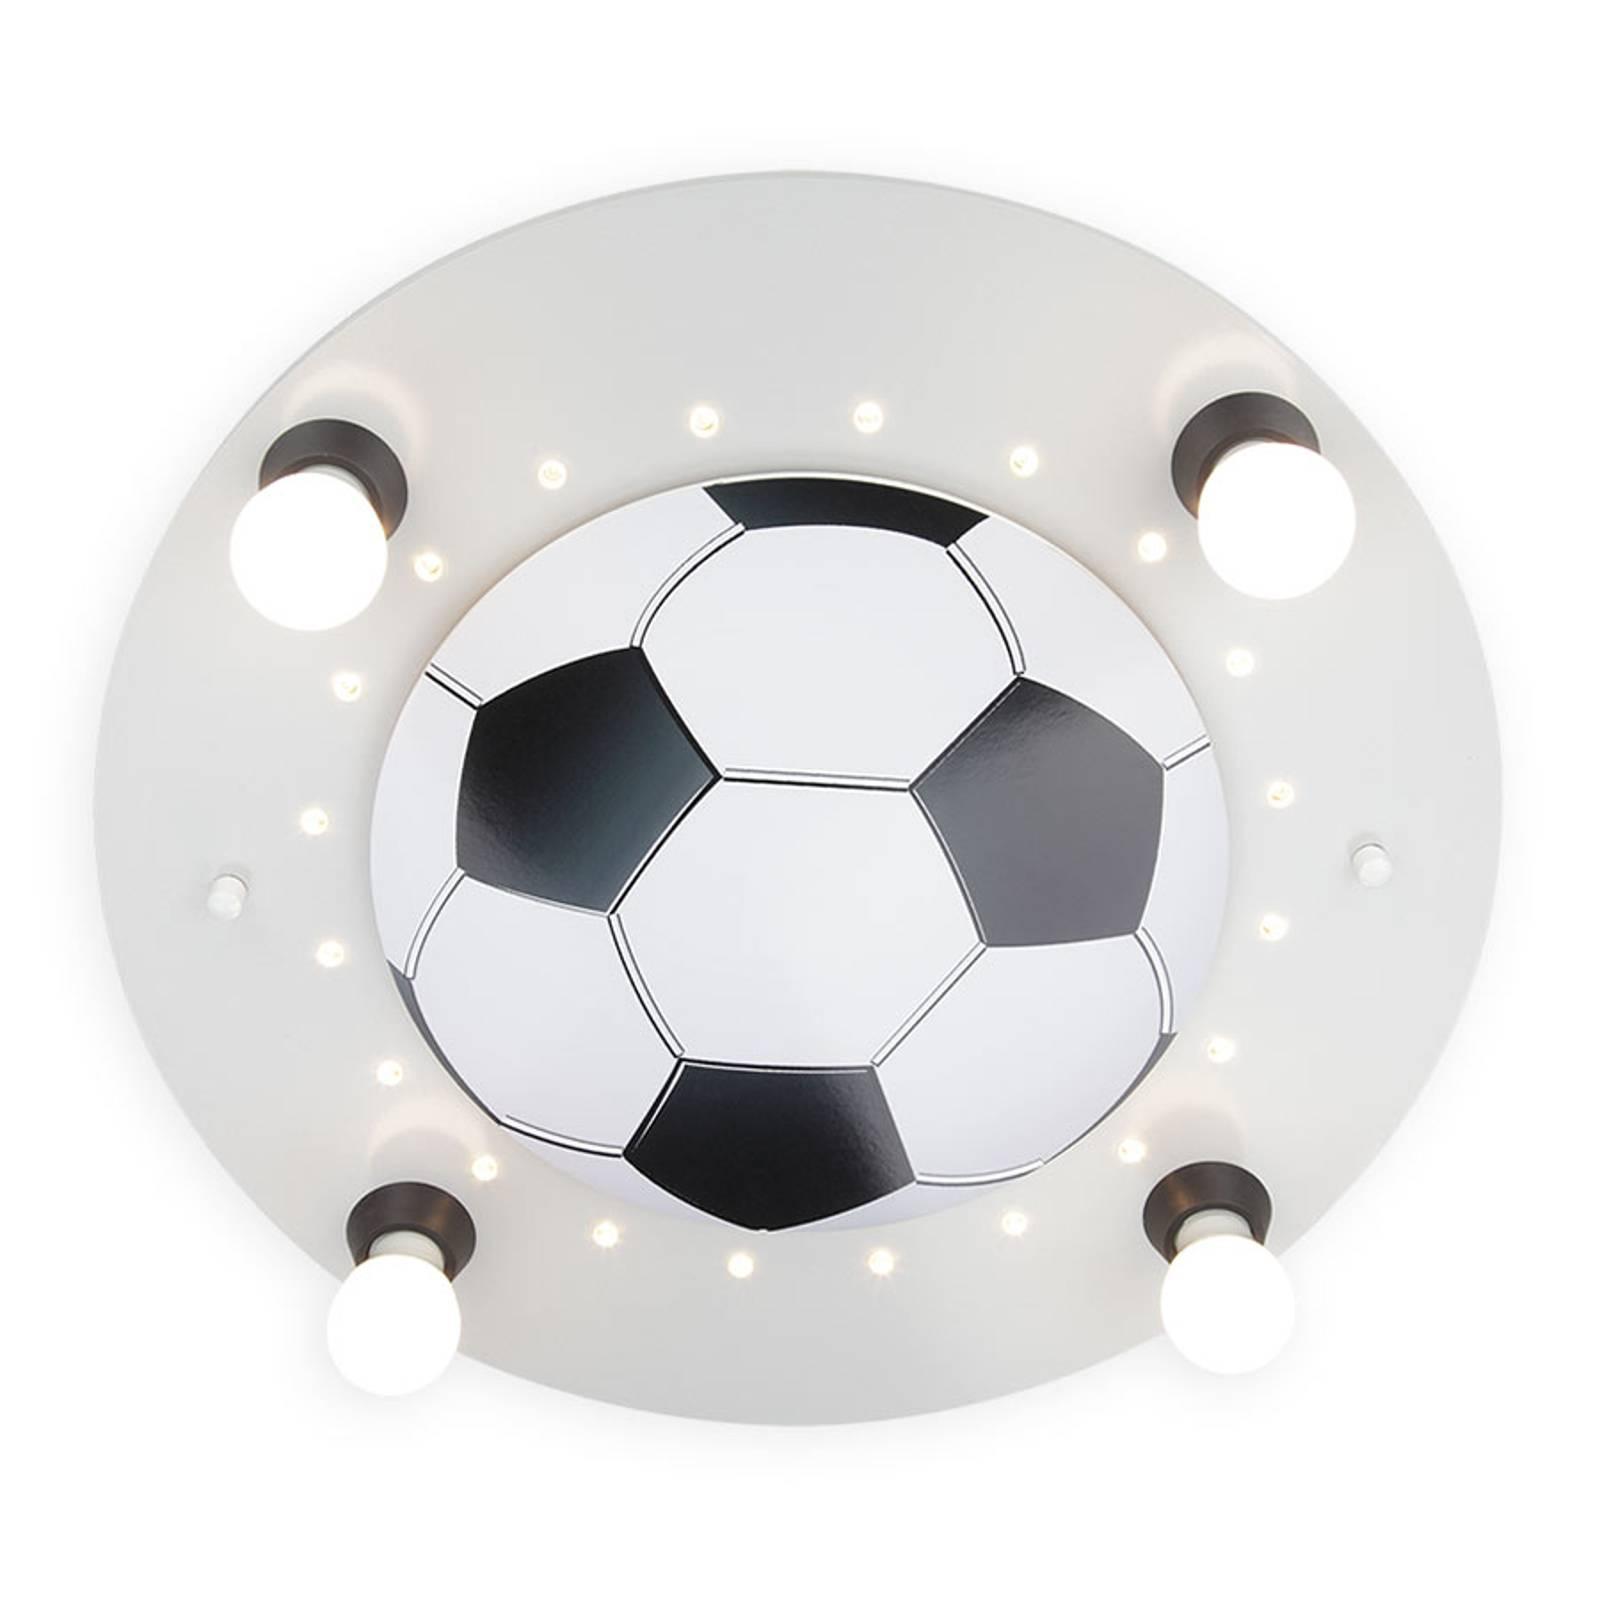 Deckenleuchte Fußball, vierflammig, silber-weiß